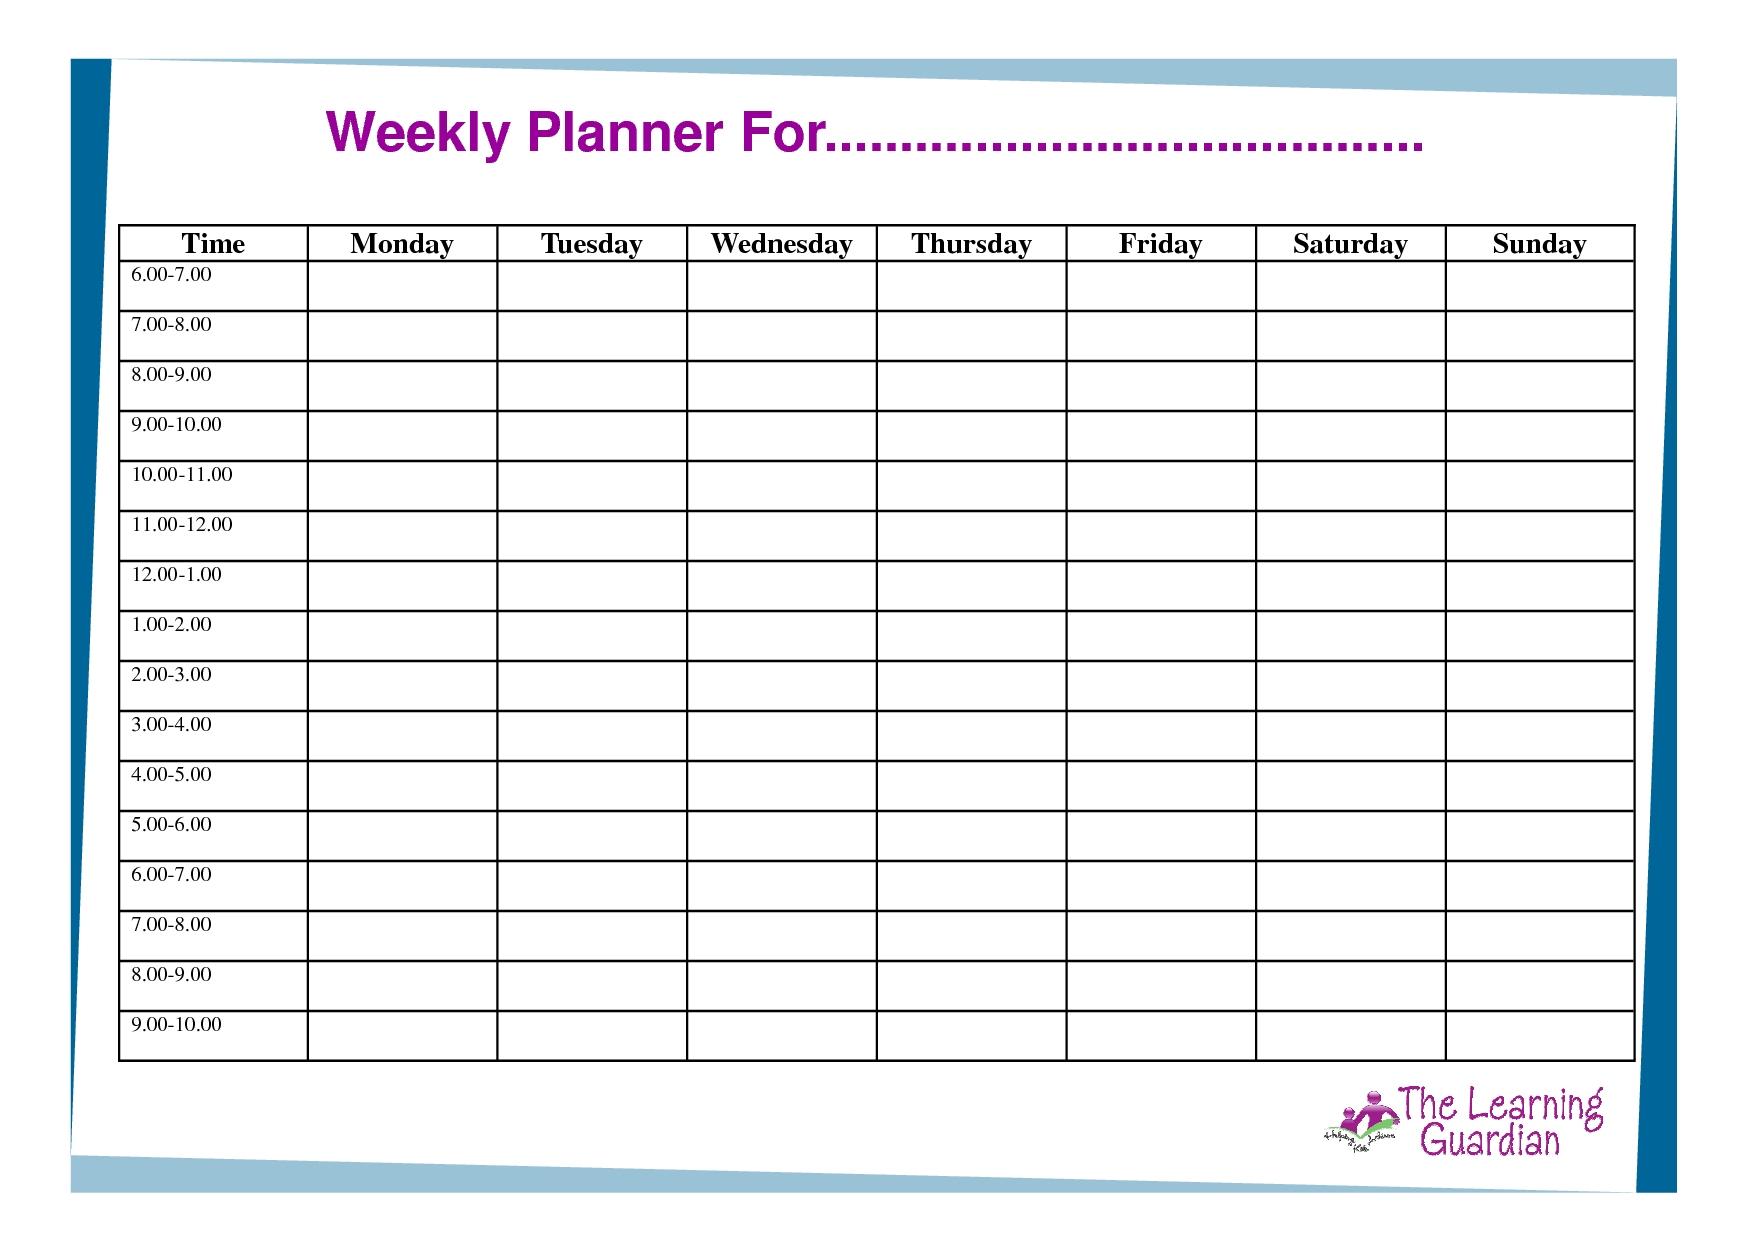 Free Printable Weekly Calendar Templates | Weekly Planner Mon - Friday Weekly Celendar